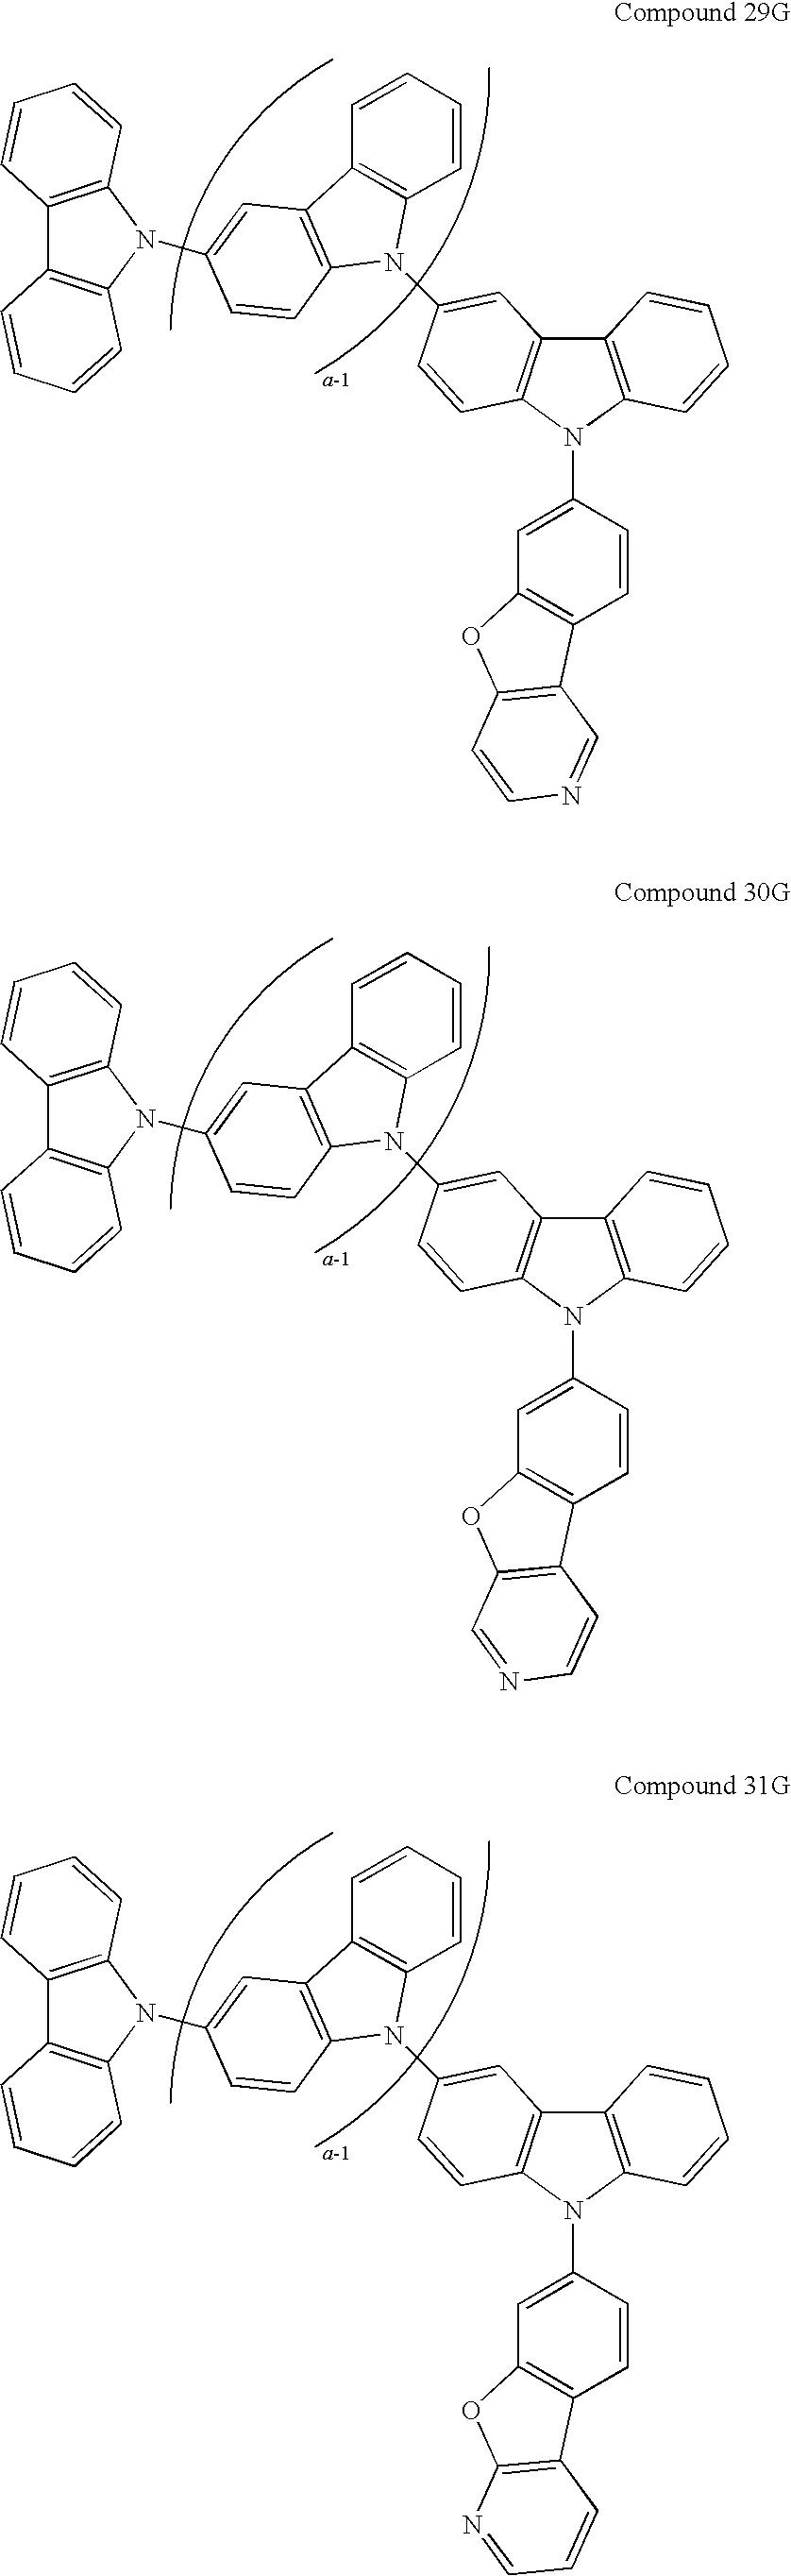 Figure US20090134784A1-20090528-C00186